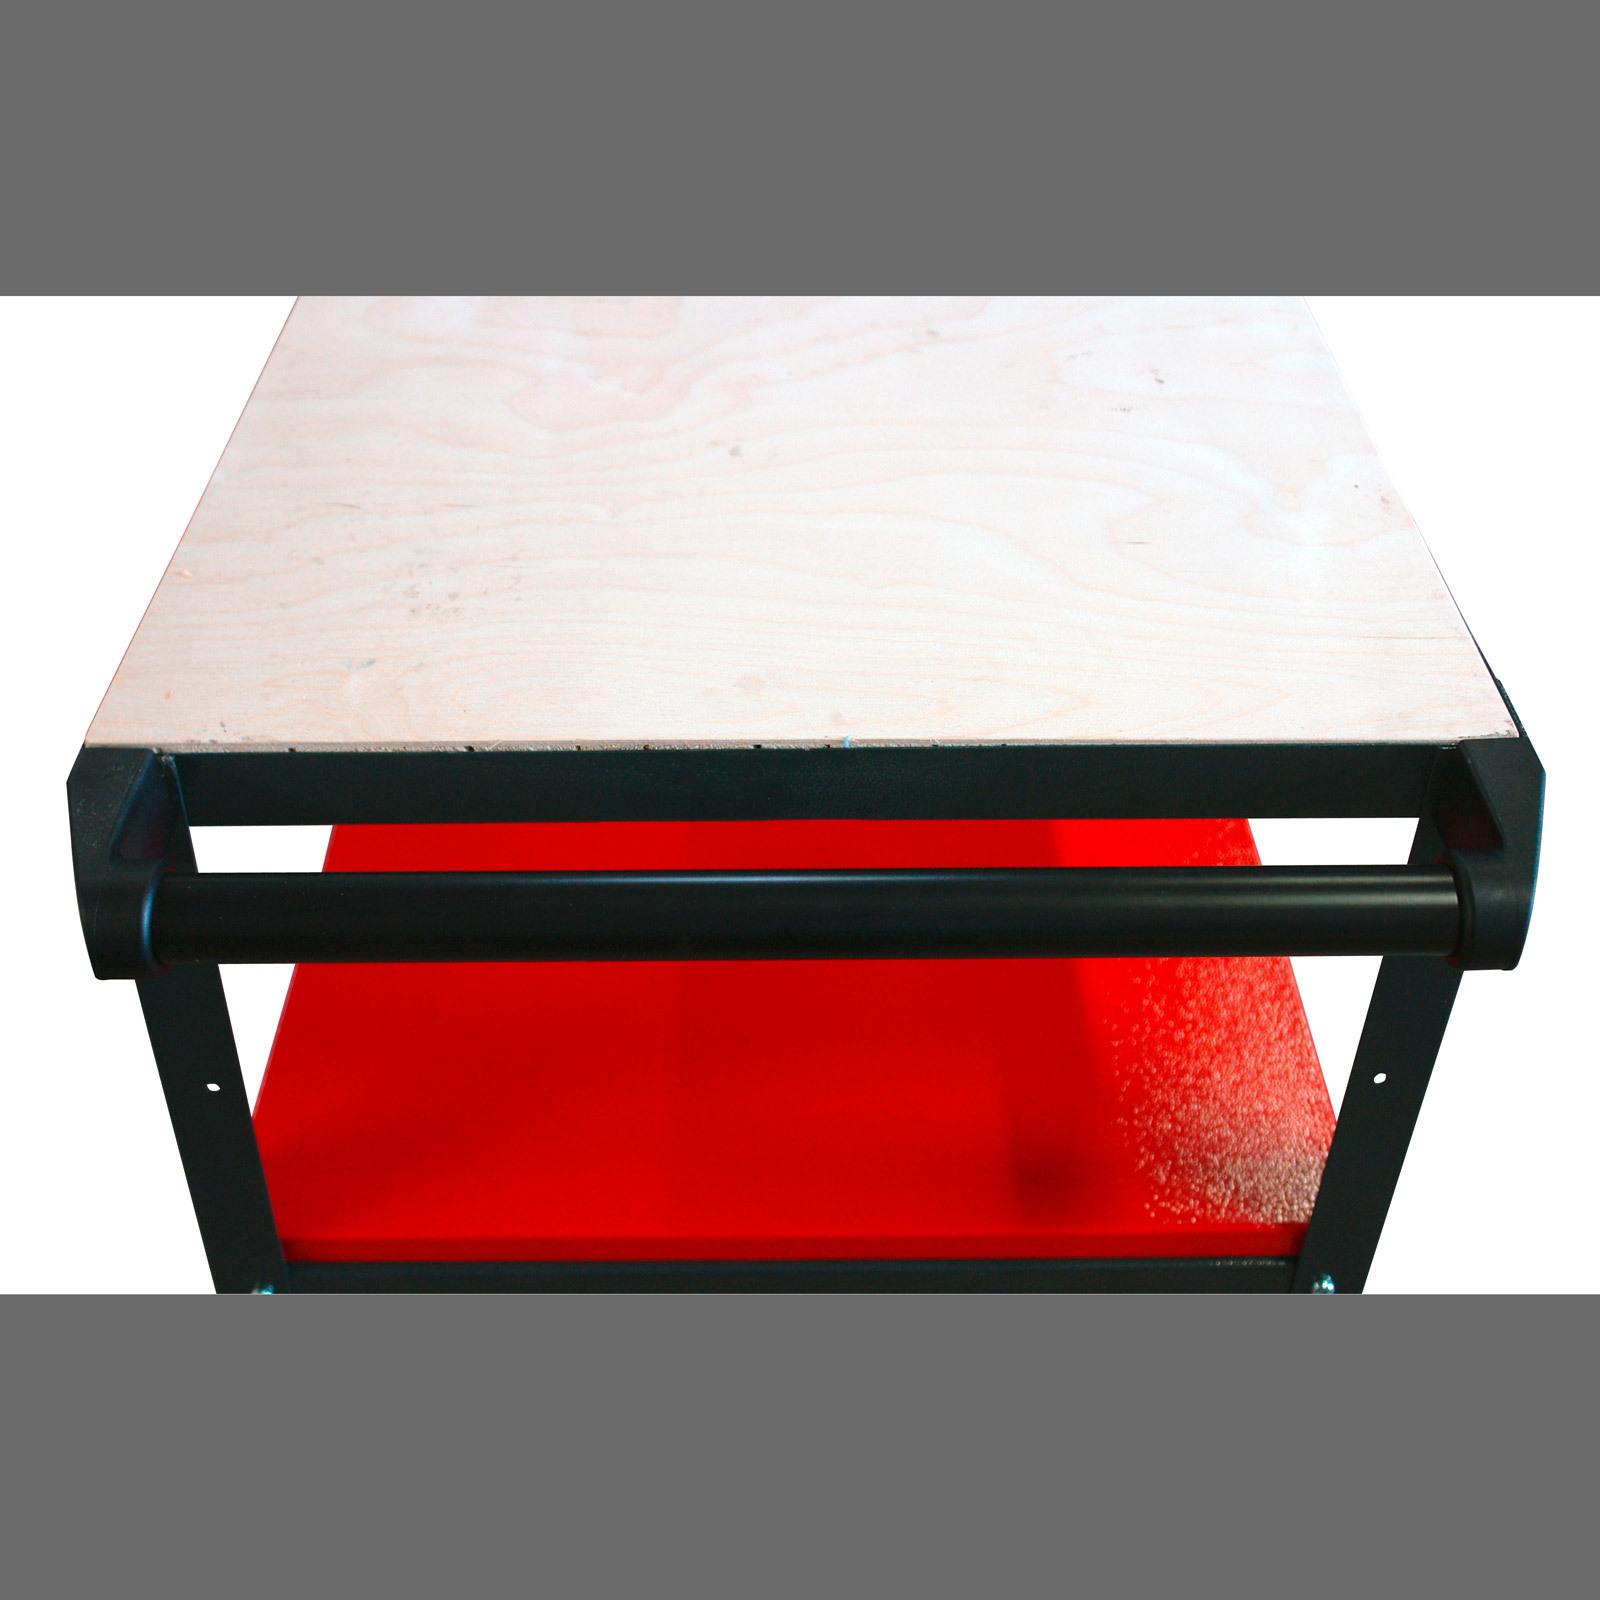 werkbank werktisch arbeitstisch werkstattwagen mit rollen. Black Bedroom Furniture Sets. Home Design Ideas